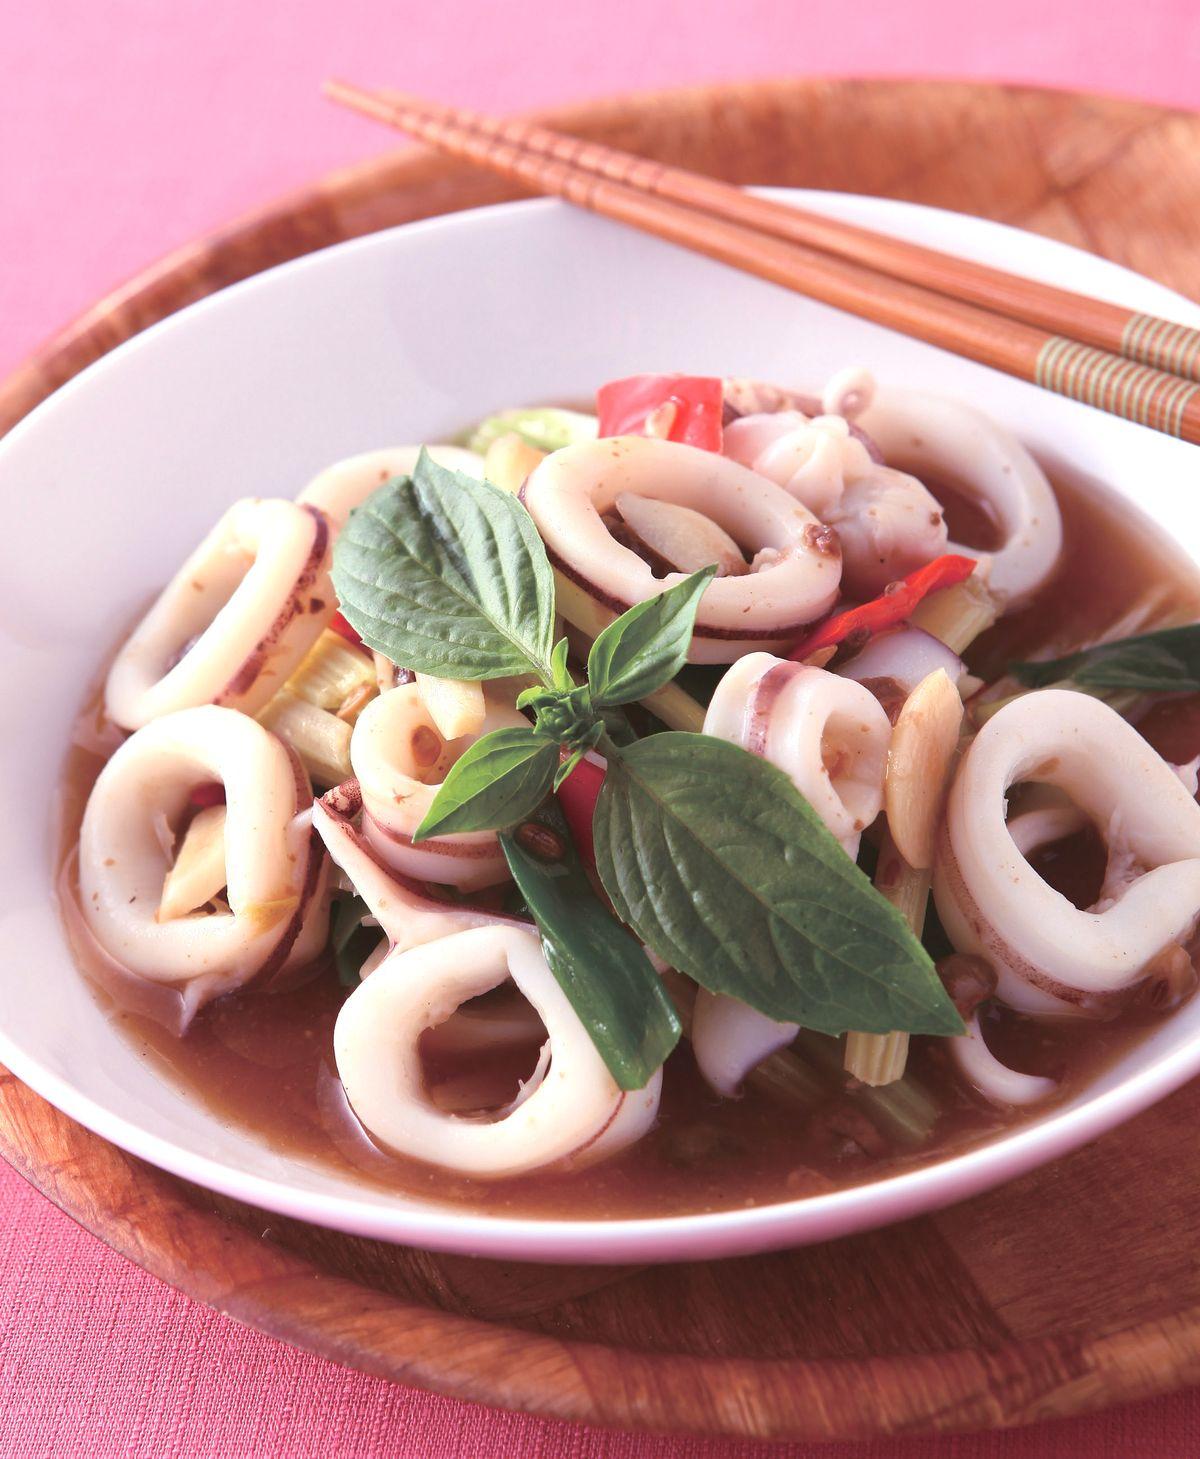 食譜:芹菜炒花枝(1)